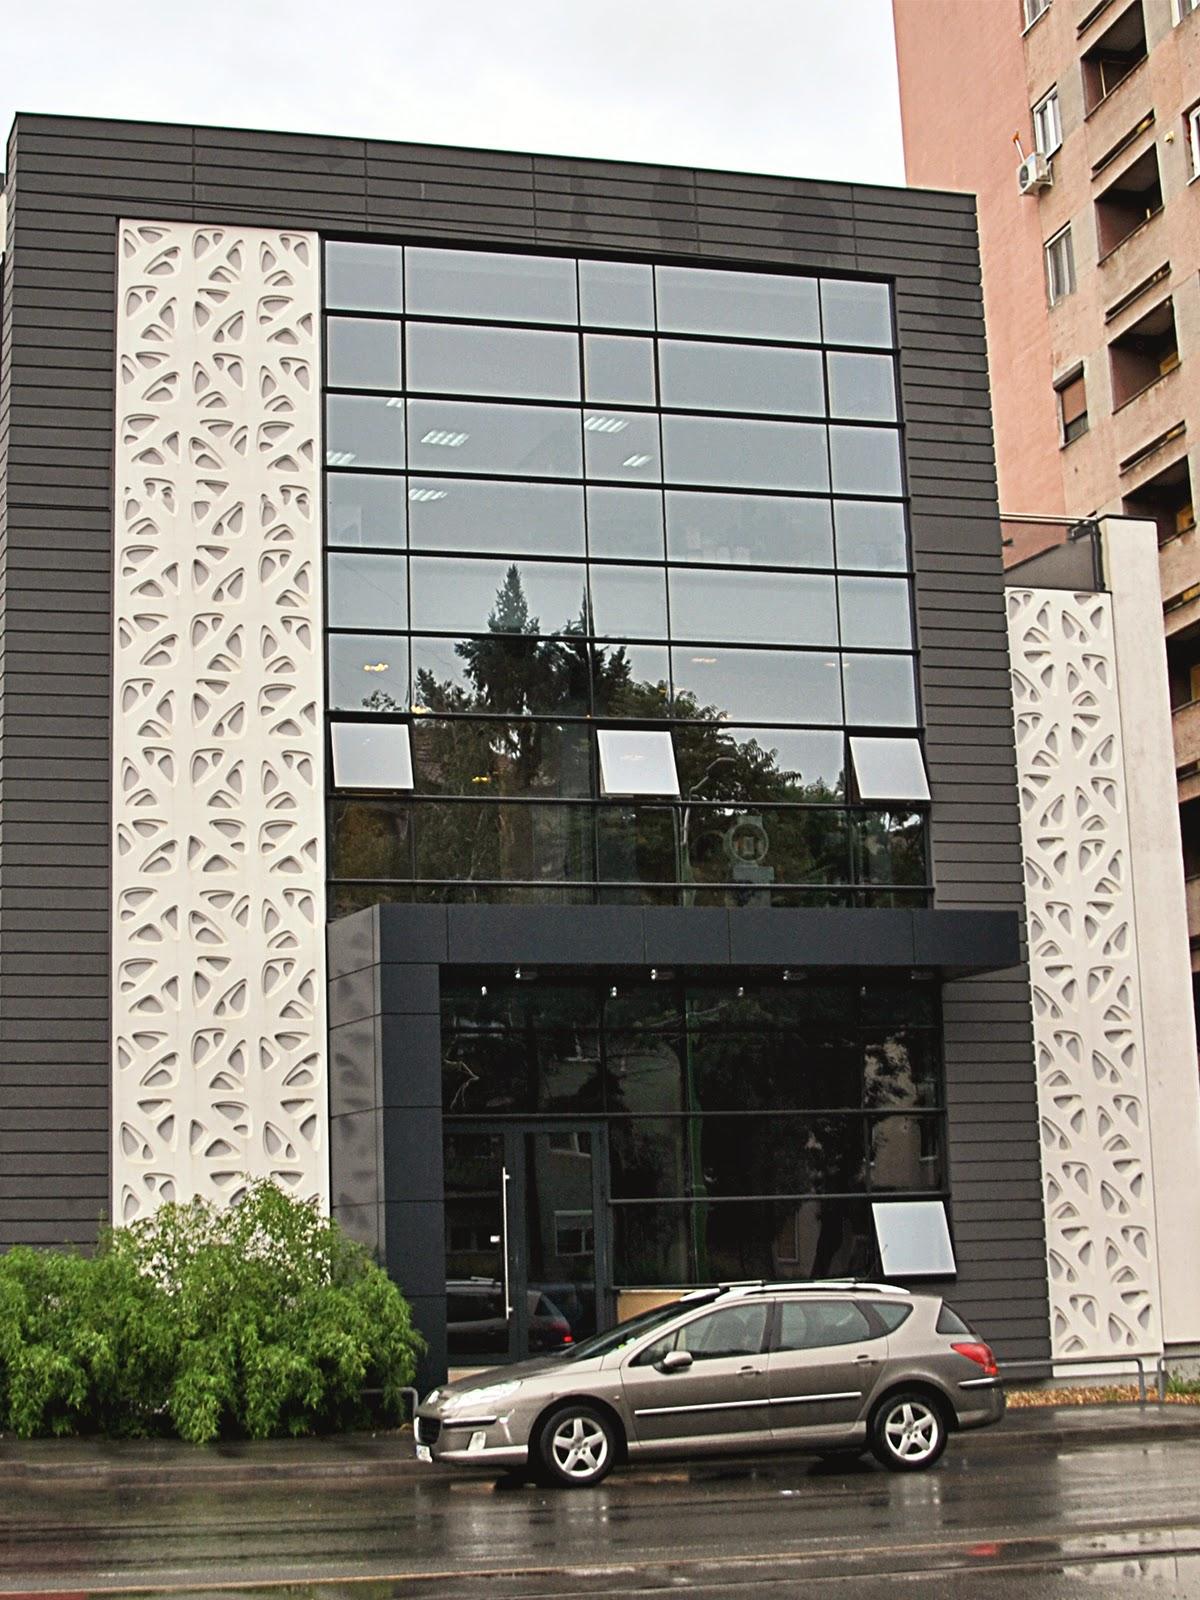 fatade blocuri cu panouri decorative moderne, profile decorative bloc